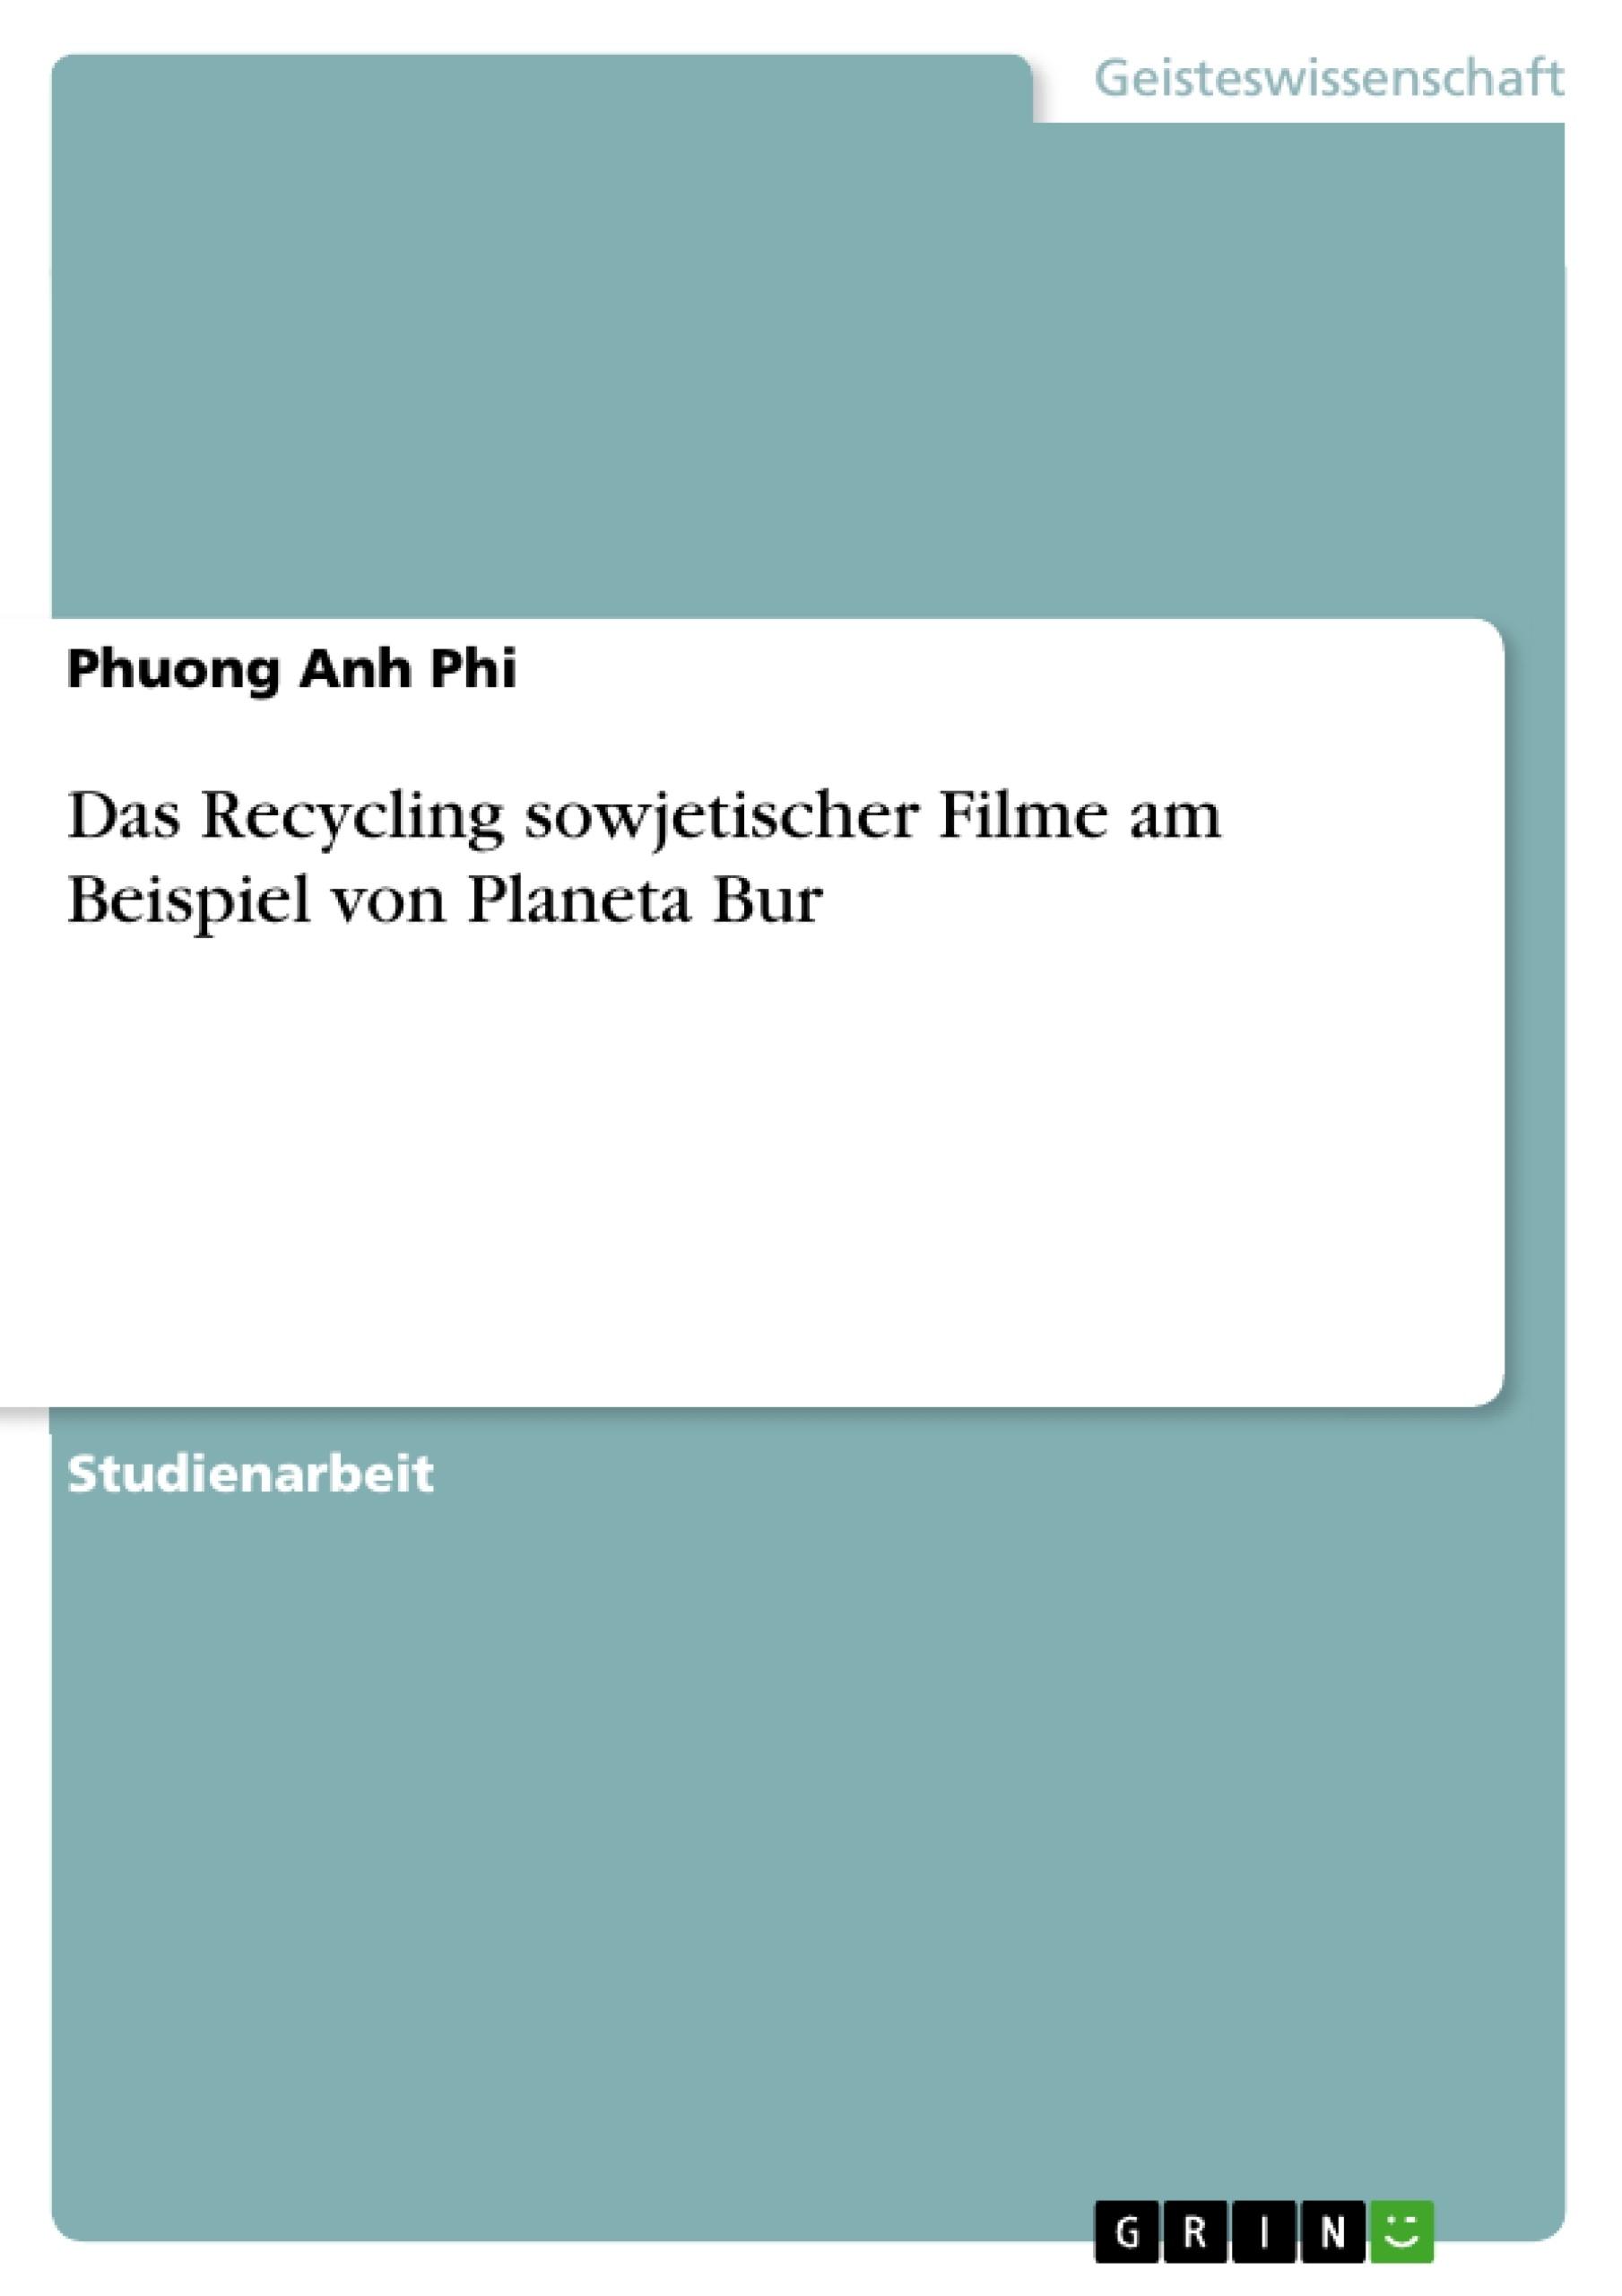 Titel: Das Recycling sowjetischer Filme am Beispiel von Planeta Bur